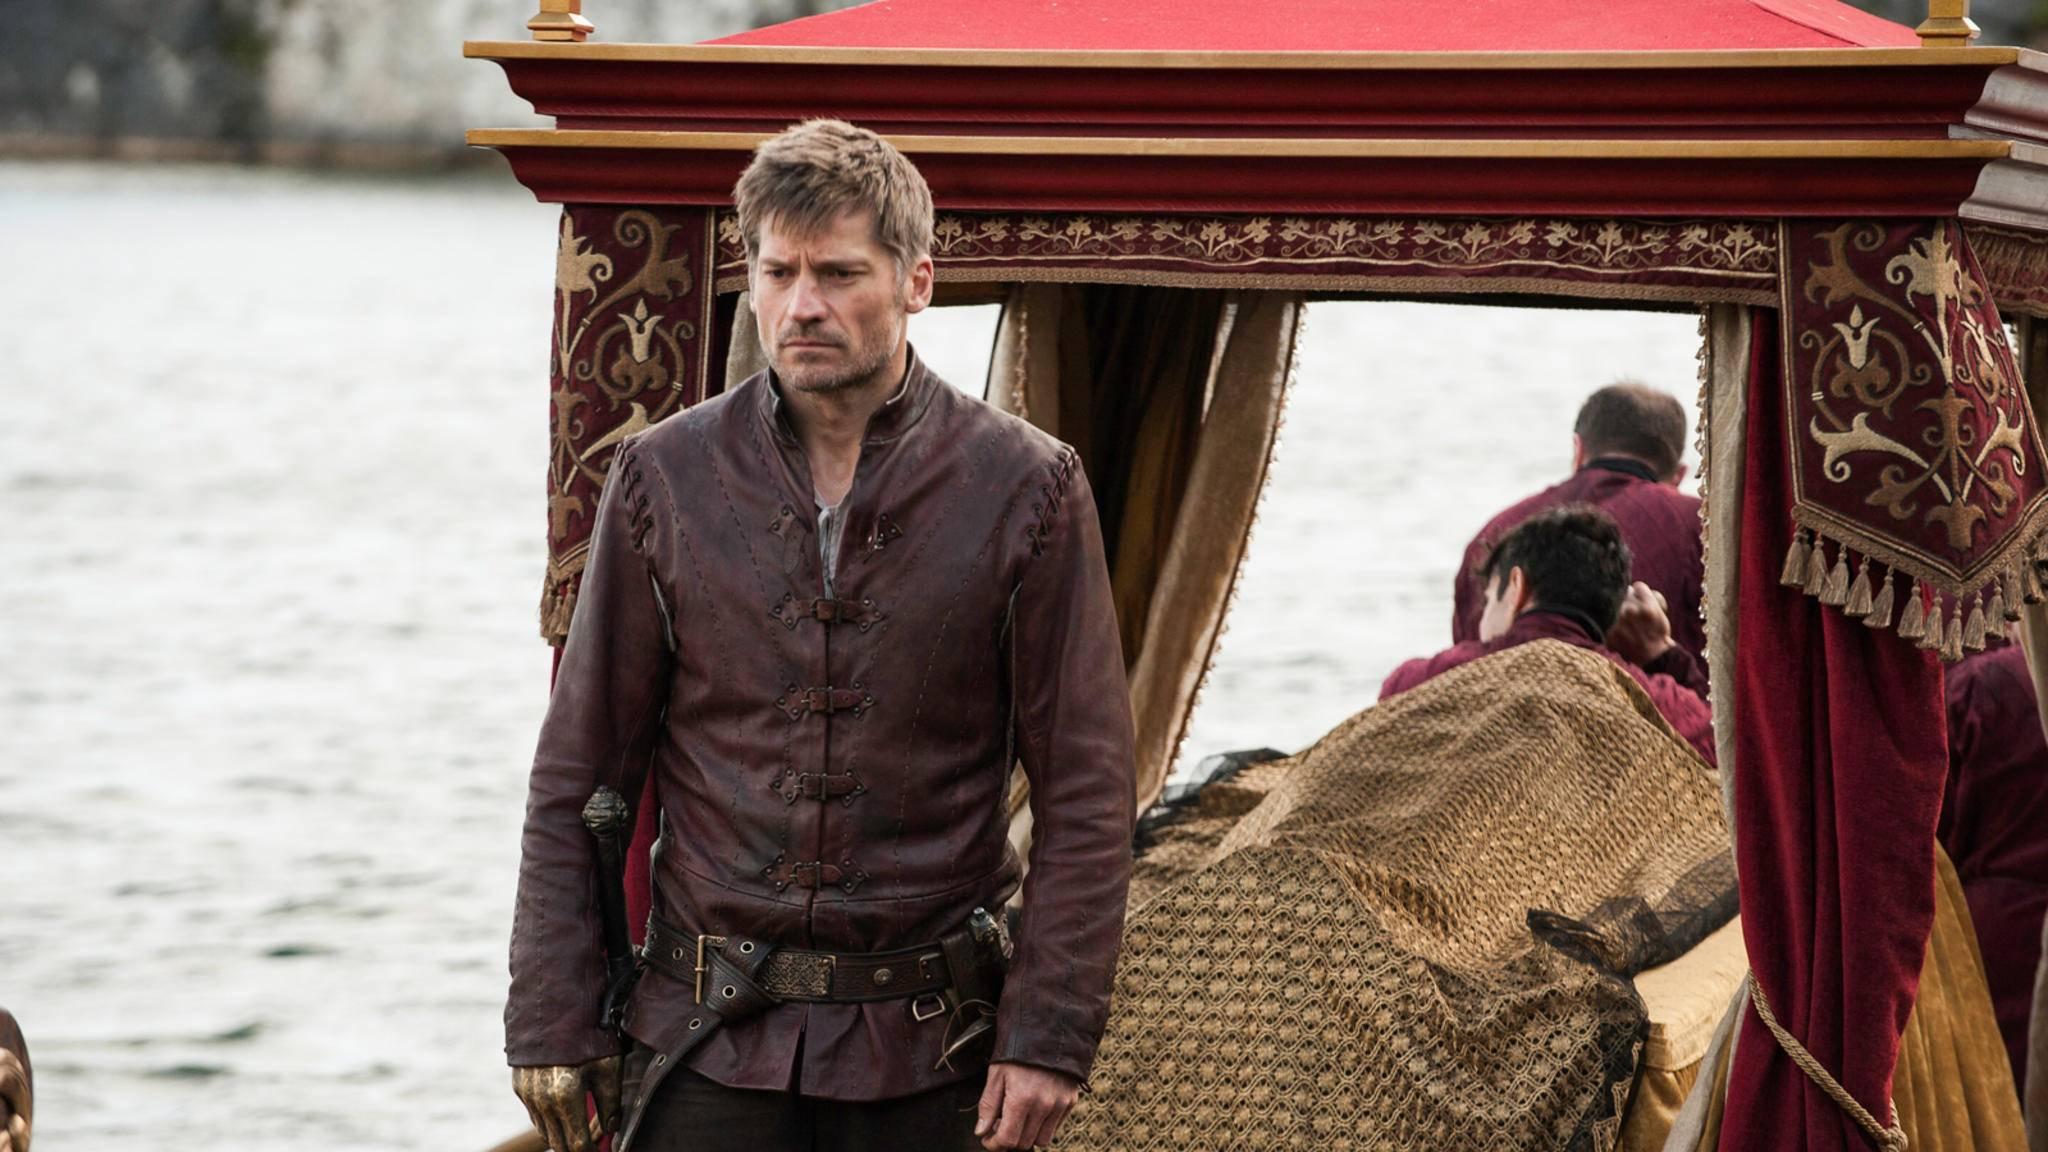 """Hat bald in """"Game of Thrones"""" das letzte Stündlein für Jaime Lannister (Nikolaj Coster-Waldau) geschlagen?"""